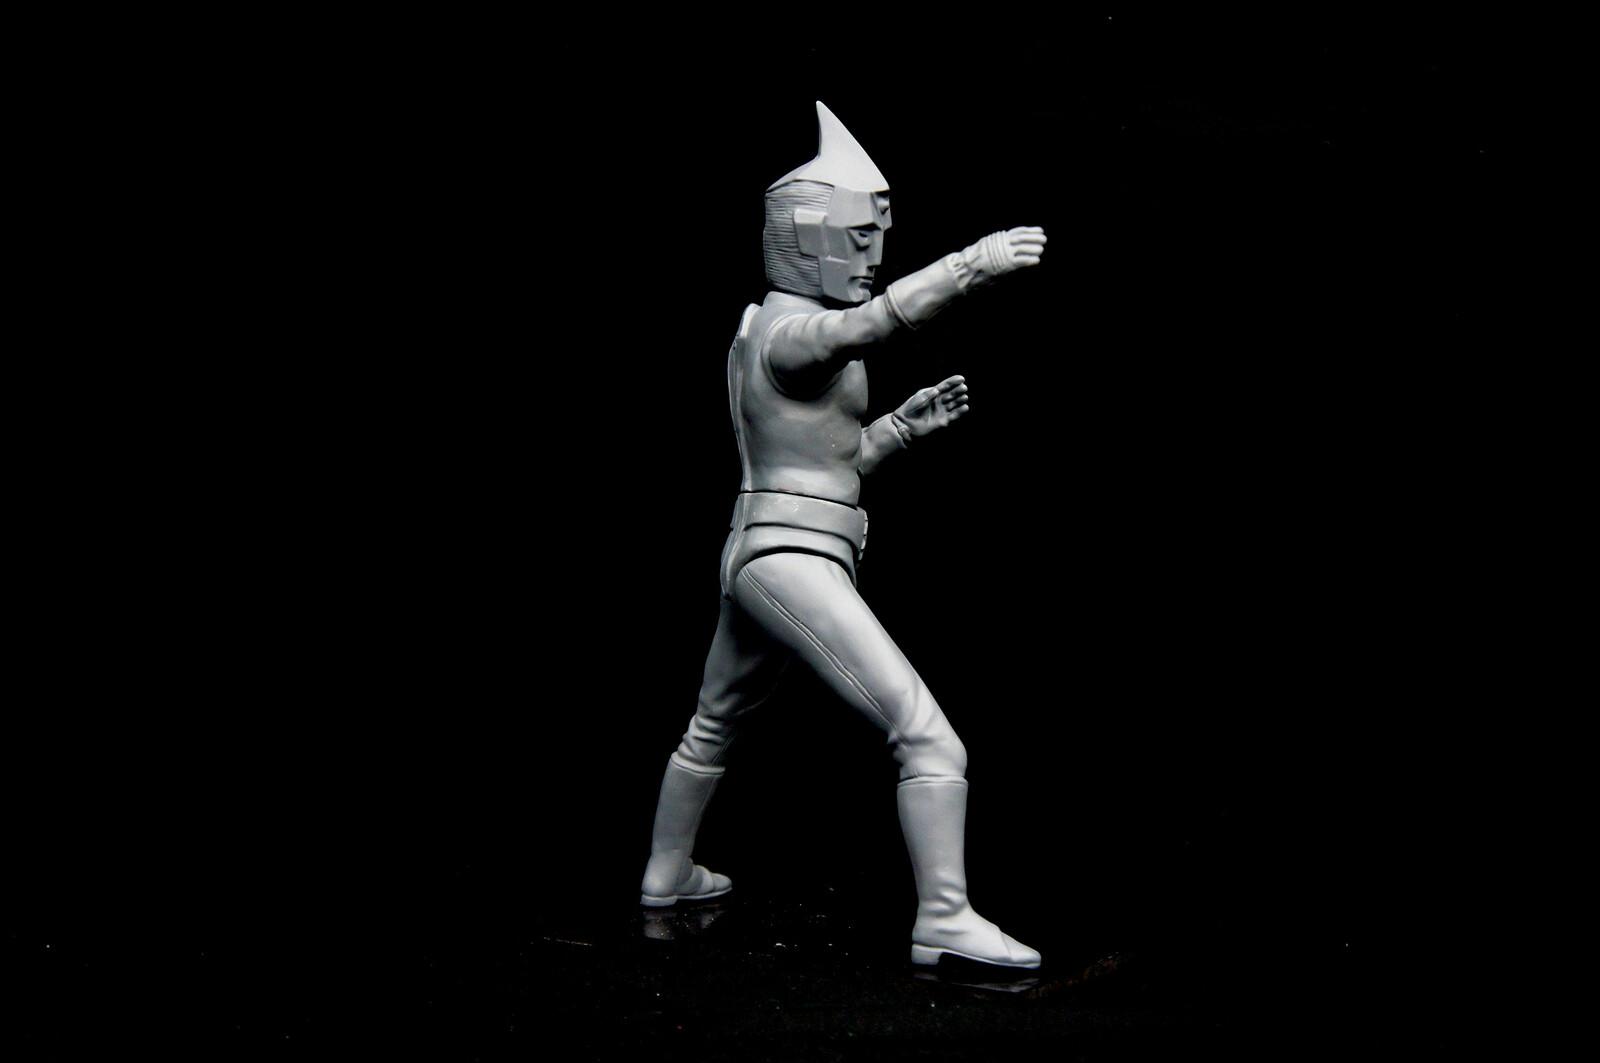 原型制作Robin Kwok: スペクトルマン 30 cm original sculpt 30 cm Spectreman https://www.solidart.club/